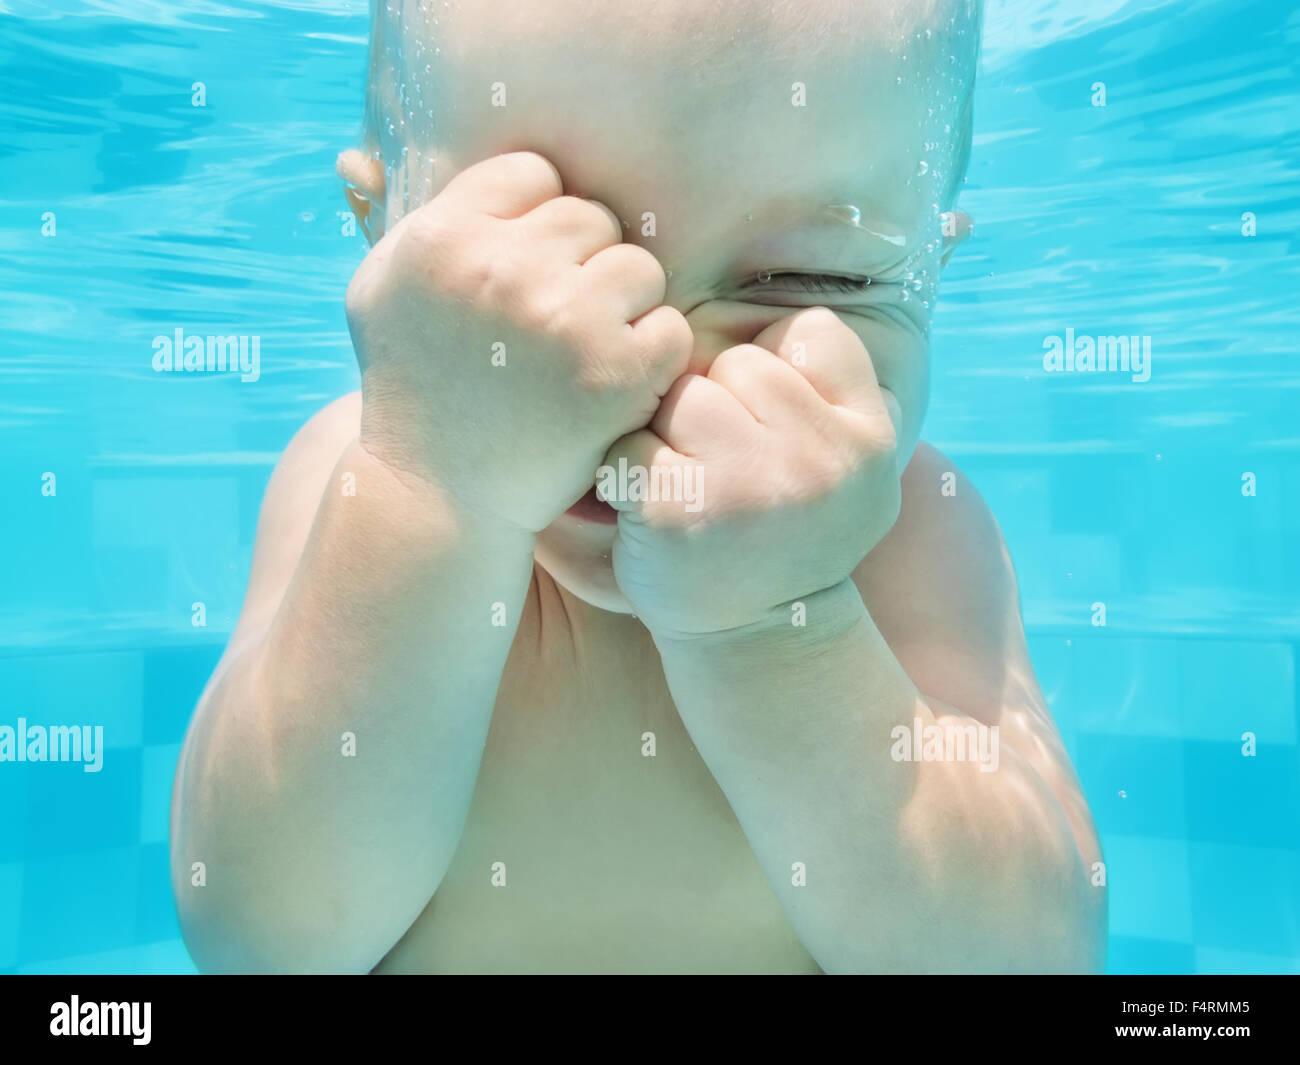 Lustiges Gesicht Porträt des kleinen Jungen mit einer Lektion in blauen Pool - schwimmen und Tauchen Unterwasser Stockbild